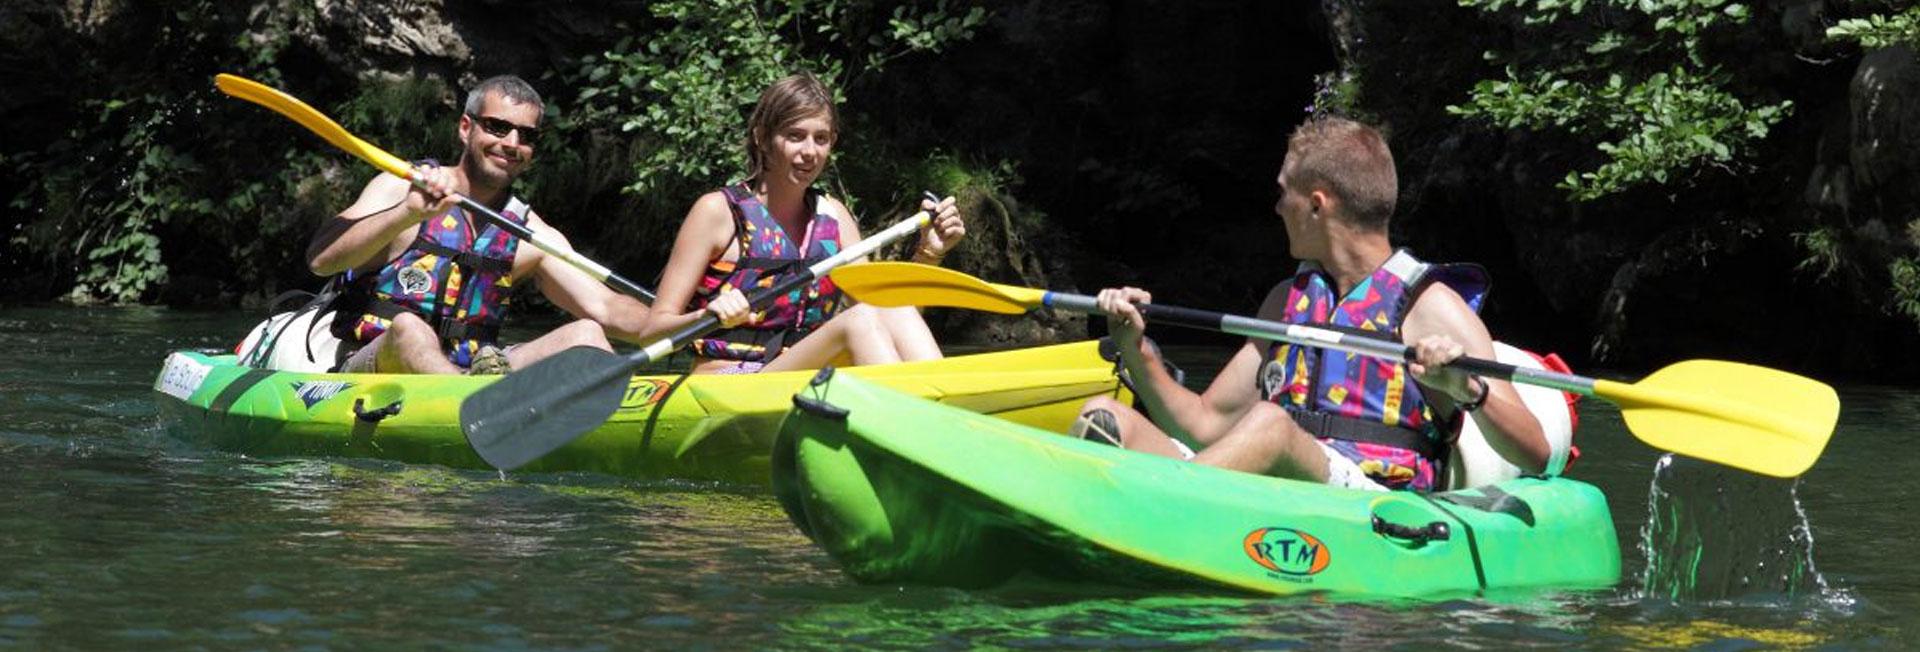 Camping Aveyron - Camping En Bord De Rivière Avec Piscine ... encequiconcerne Camping Lozère Avec Piscine